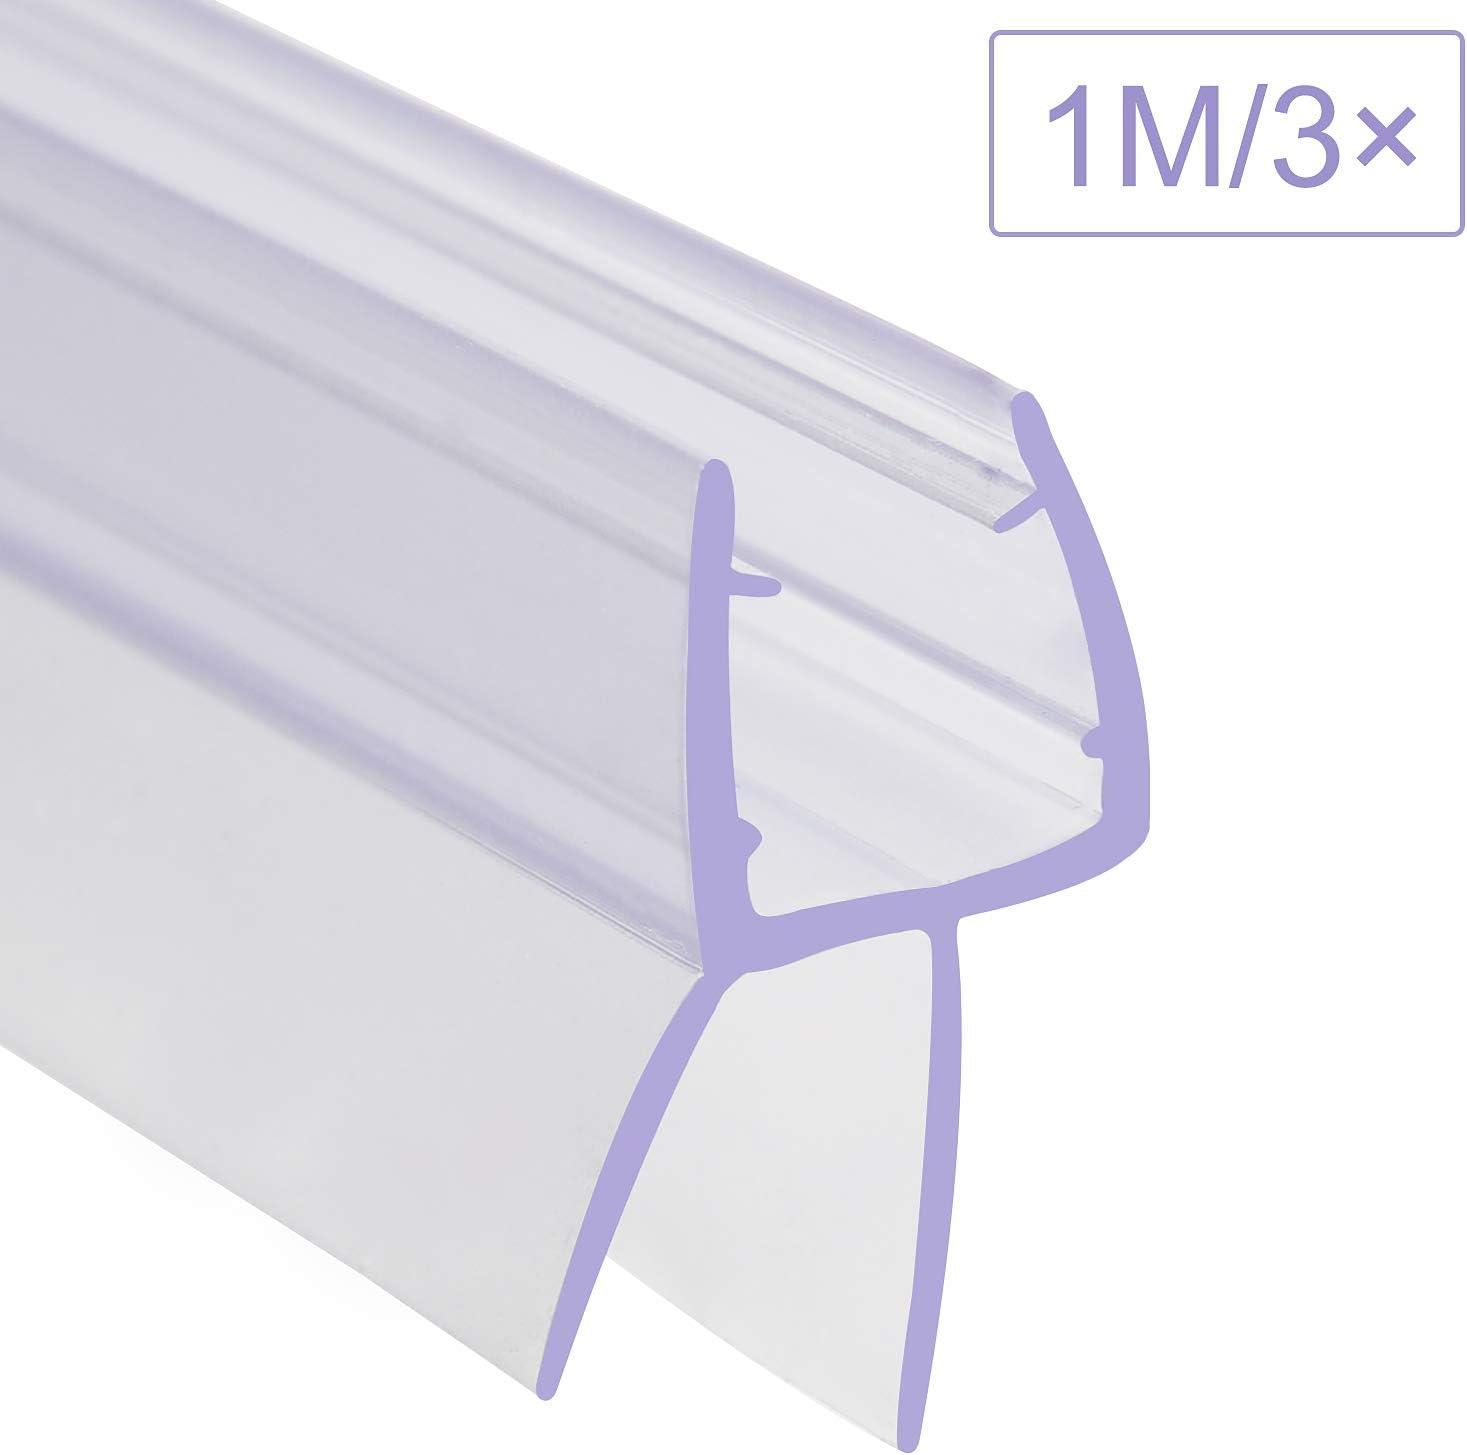 Junta para ducha 1 m, para vidrio de 6 mm, 7 mm, 8 mm de grosor